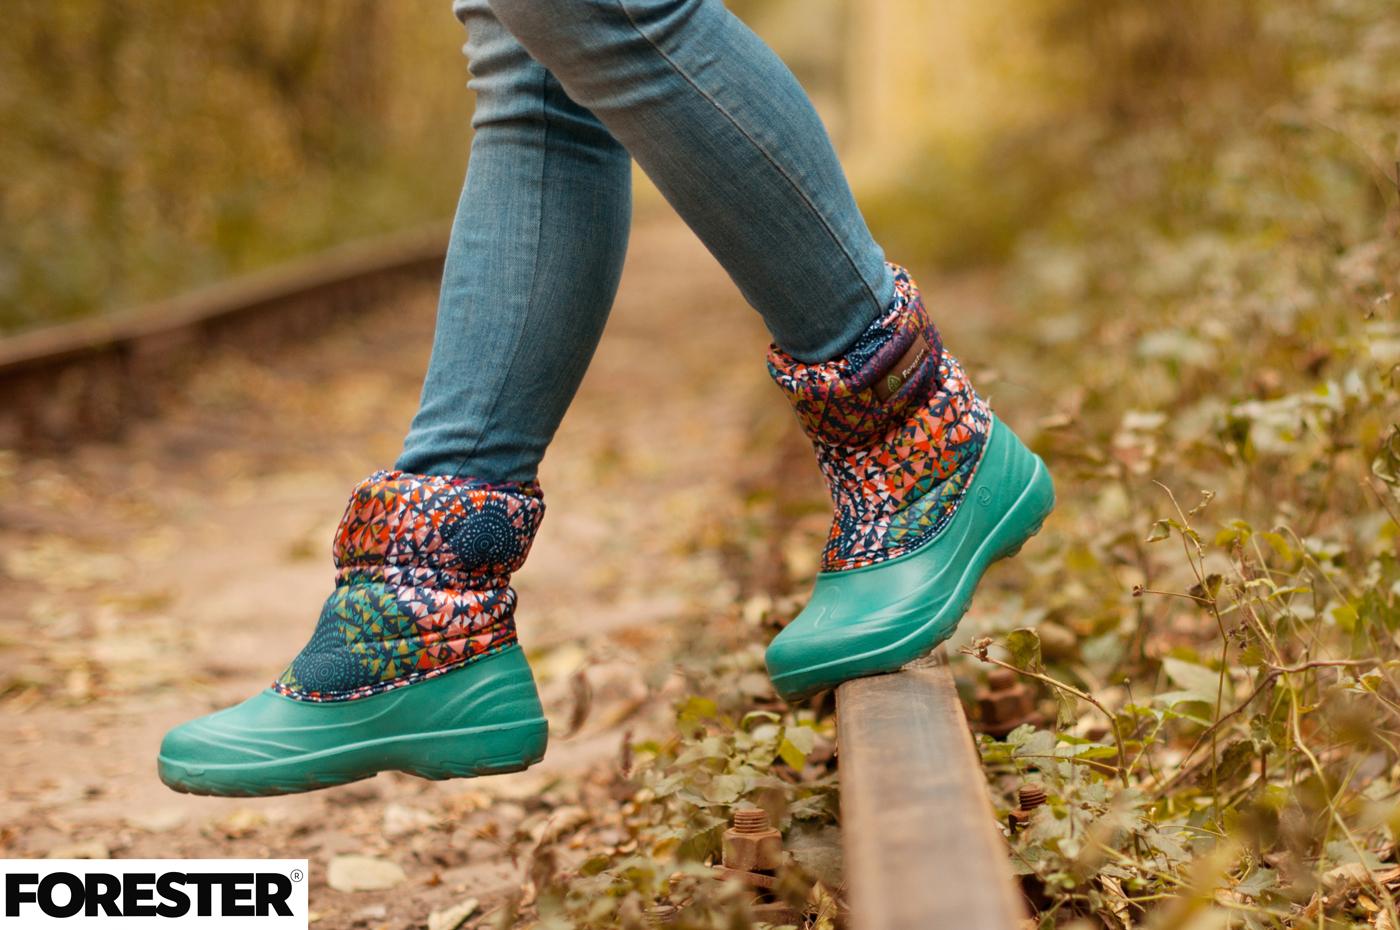 купить-обувь-forester-kedoff.net